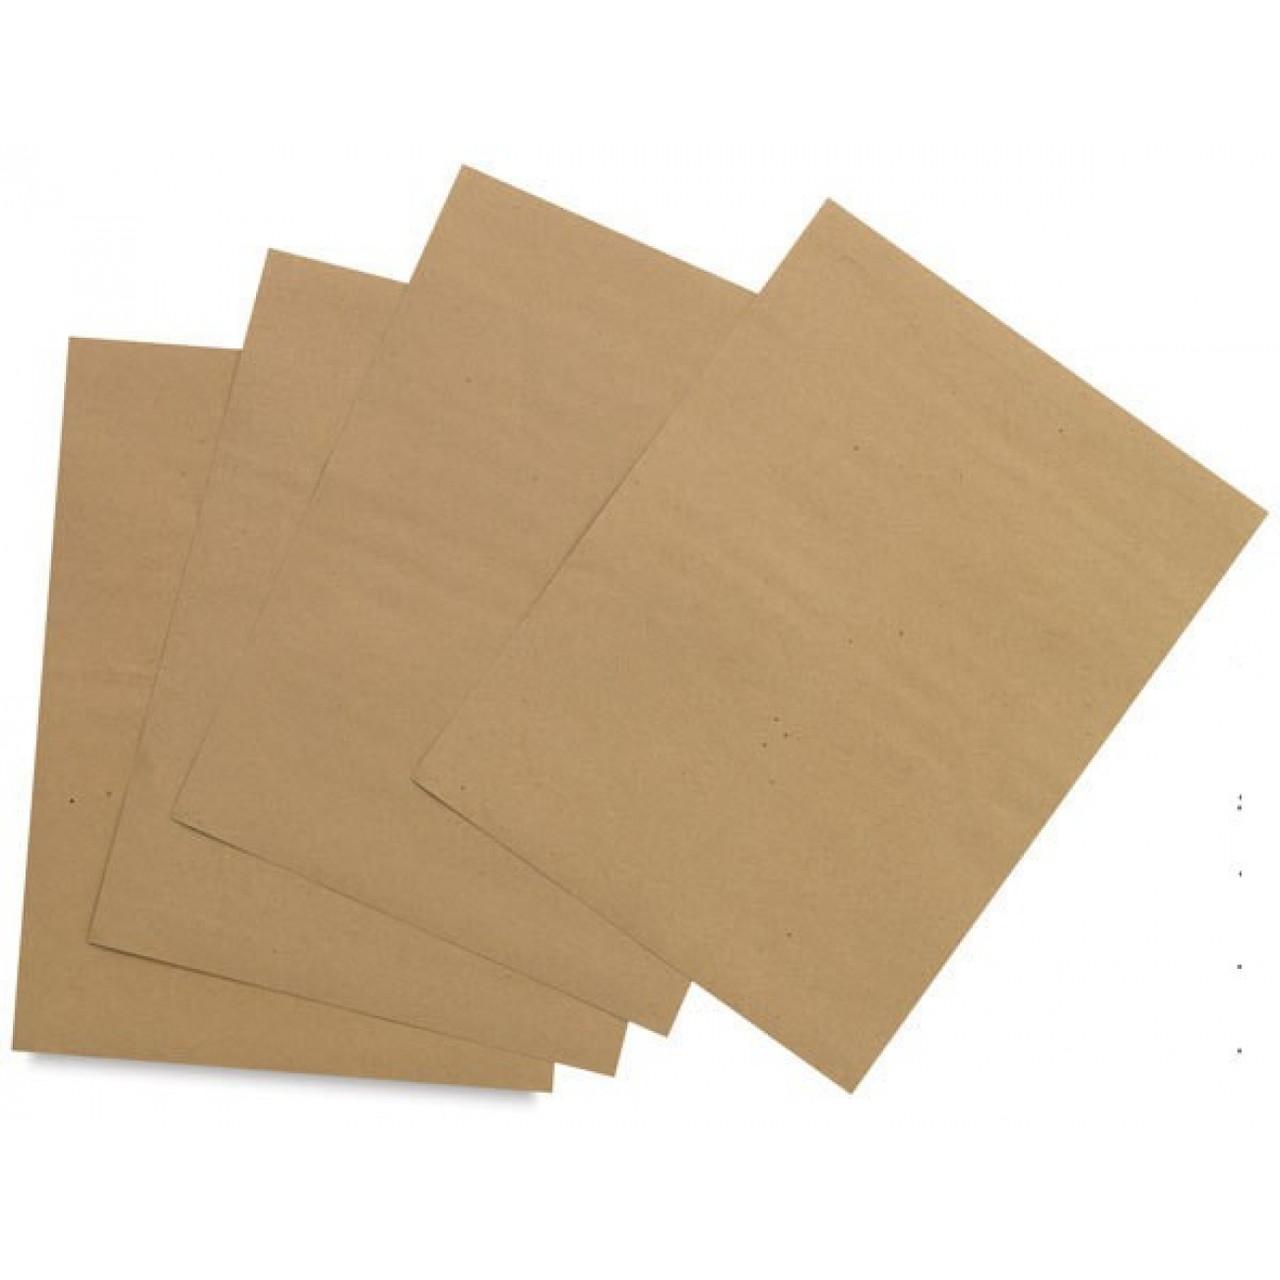 Картон для печати открыток плотность